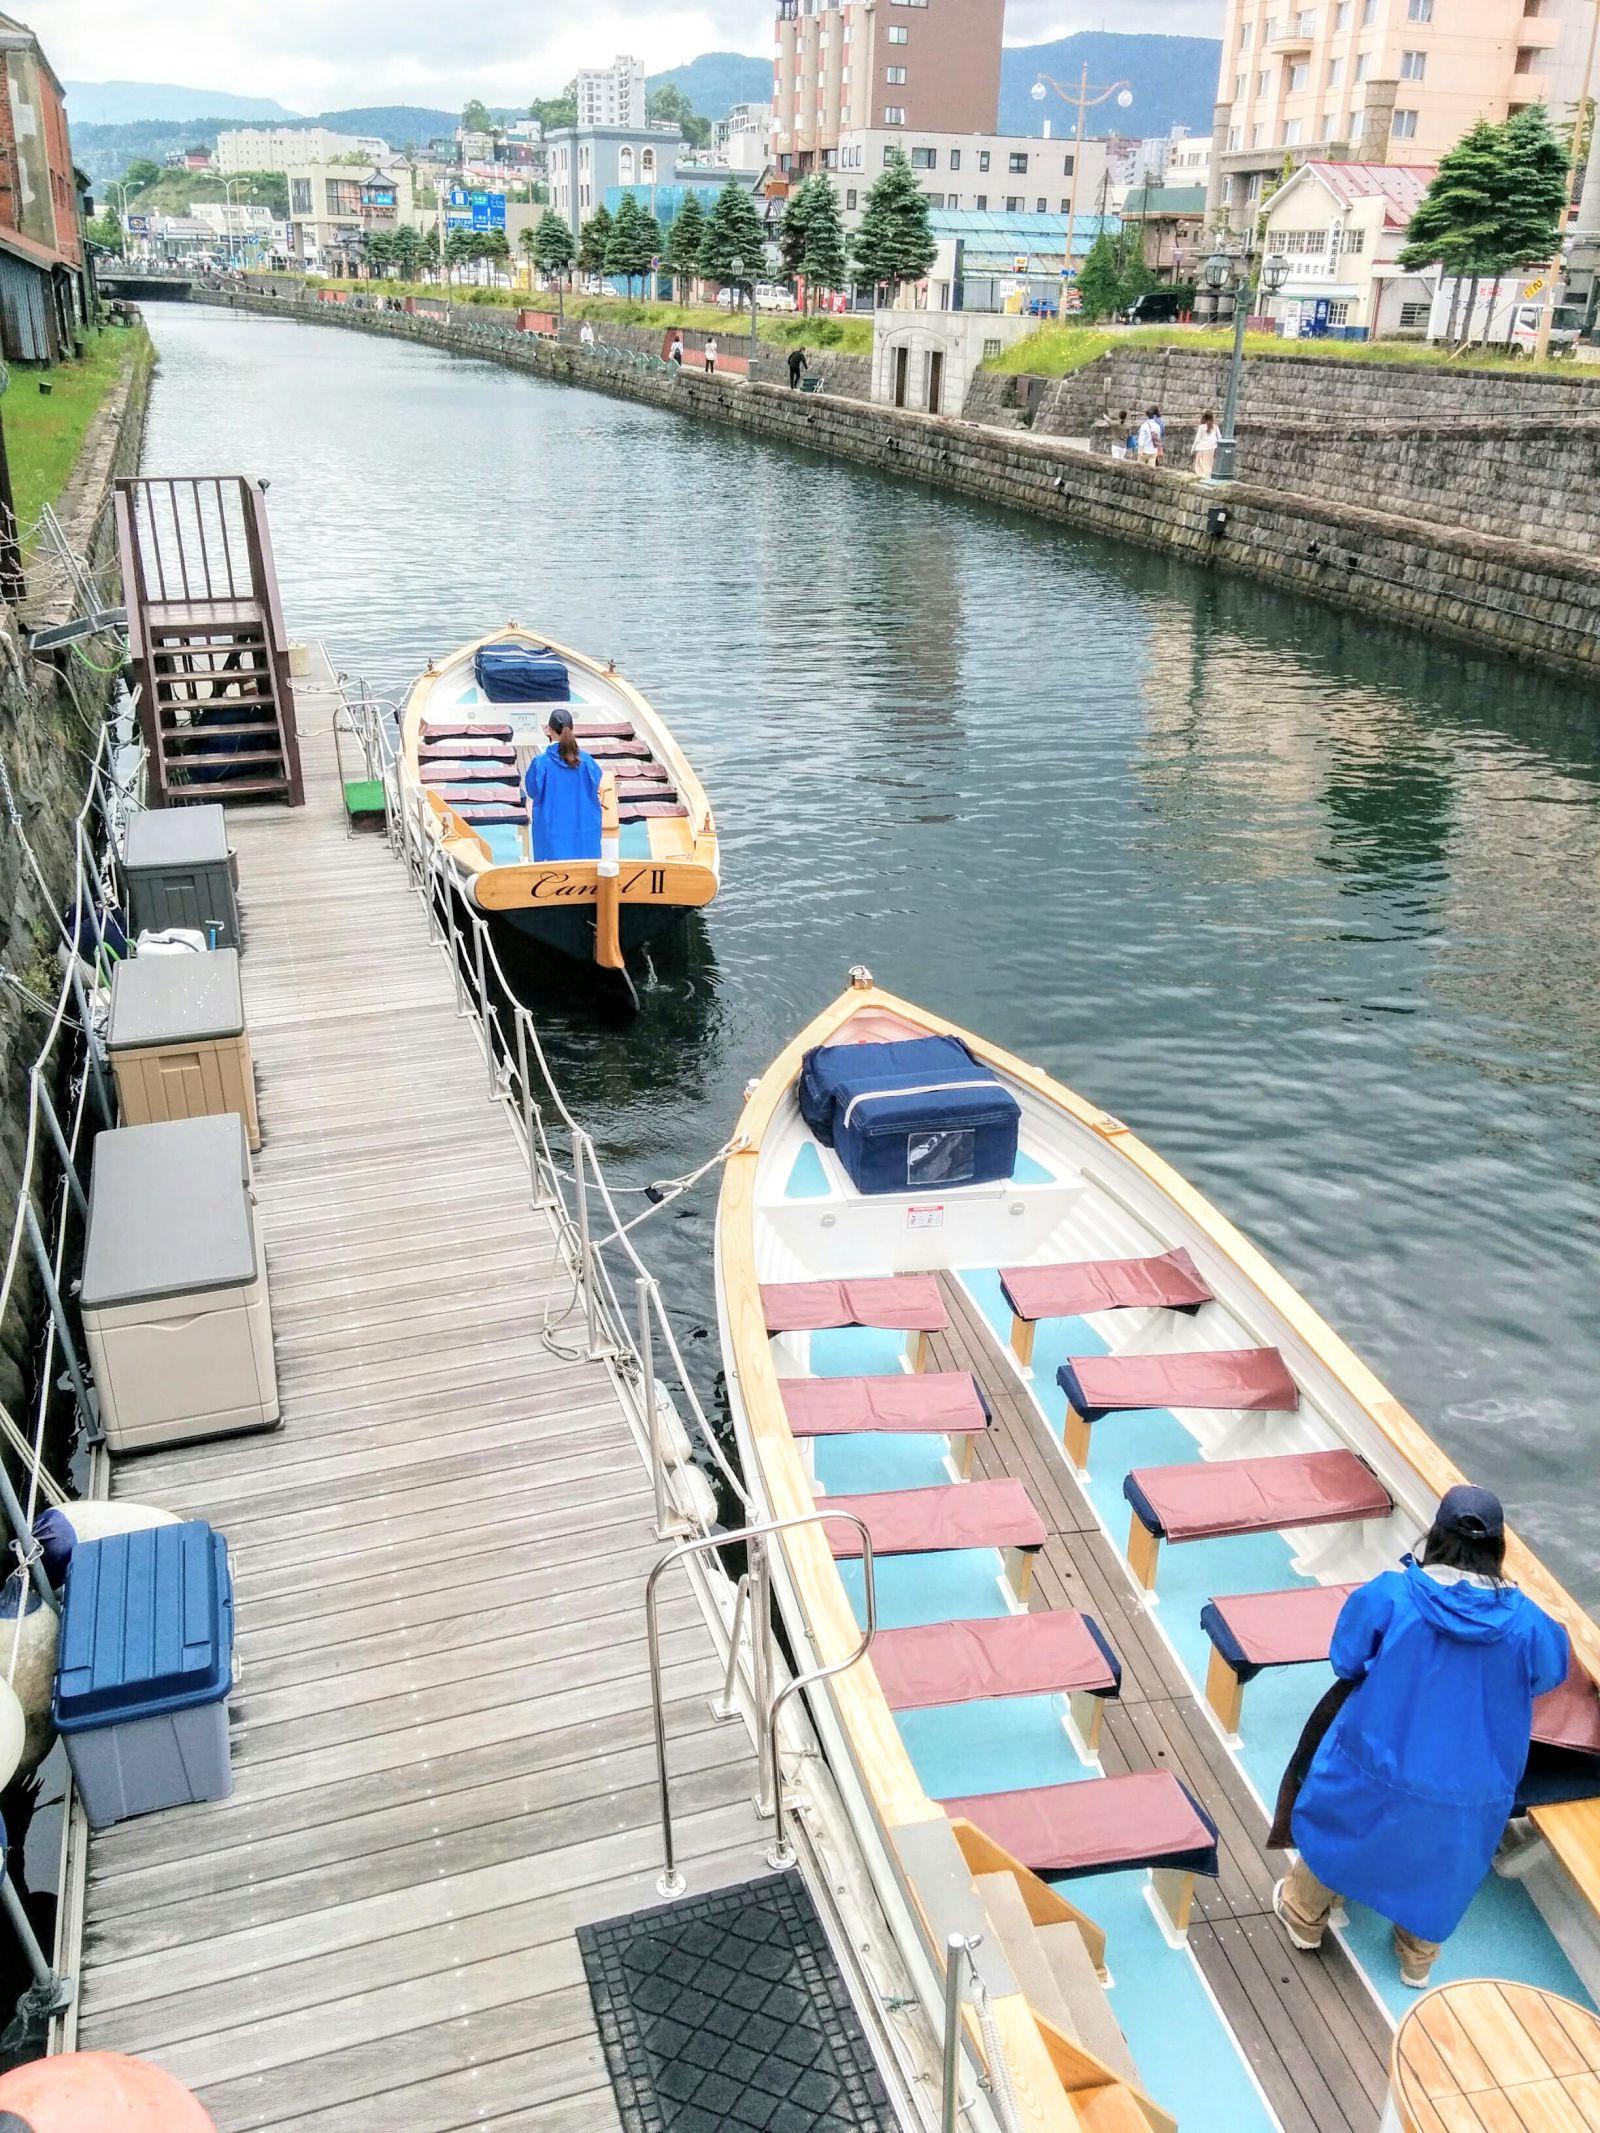 【小樽市】小樽運河クルーズ船観光案内です。